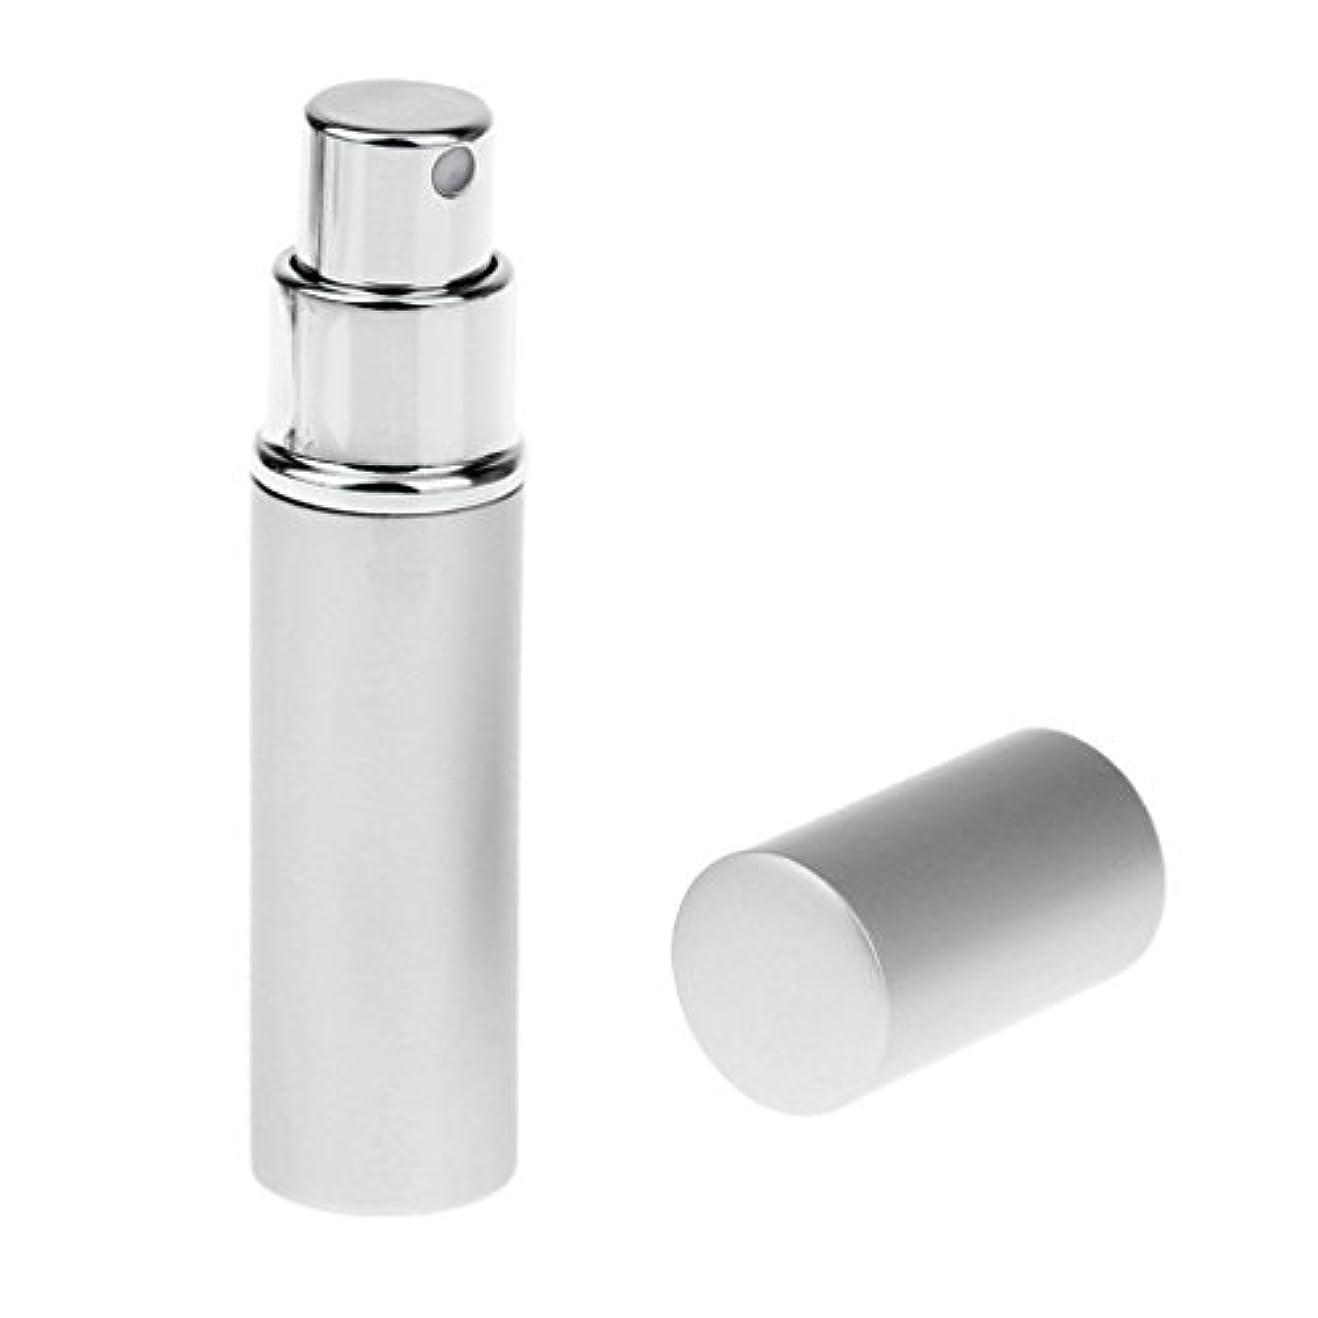 害虫民兵指Kesoto 男女兼用 詰め替え可能 ポータブル アルミ ガラス製 香水アトマイザー 空ボトル ポンプ 全4色 - 銀色